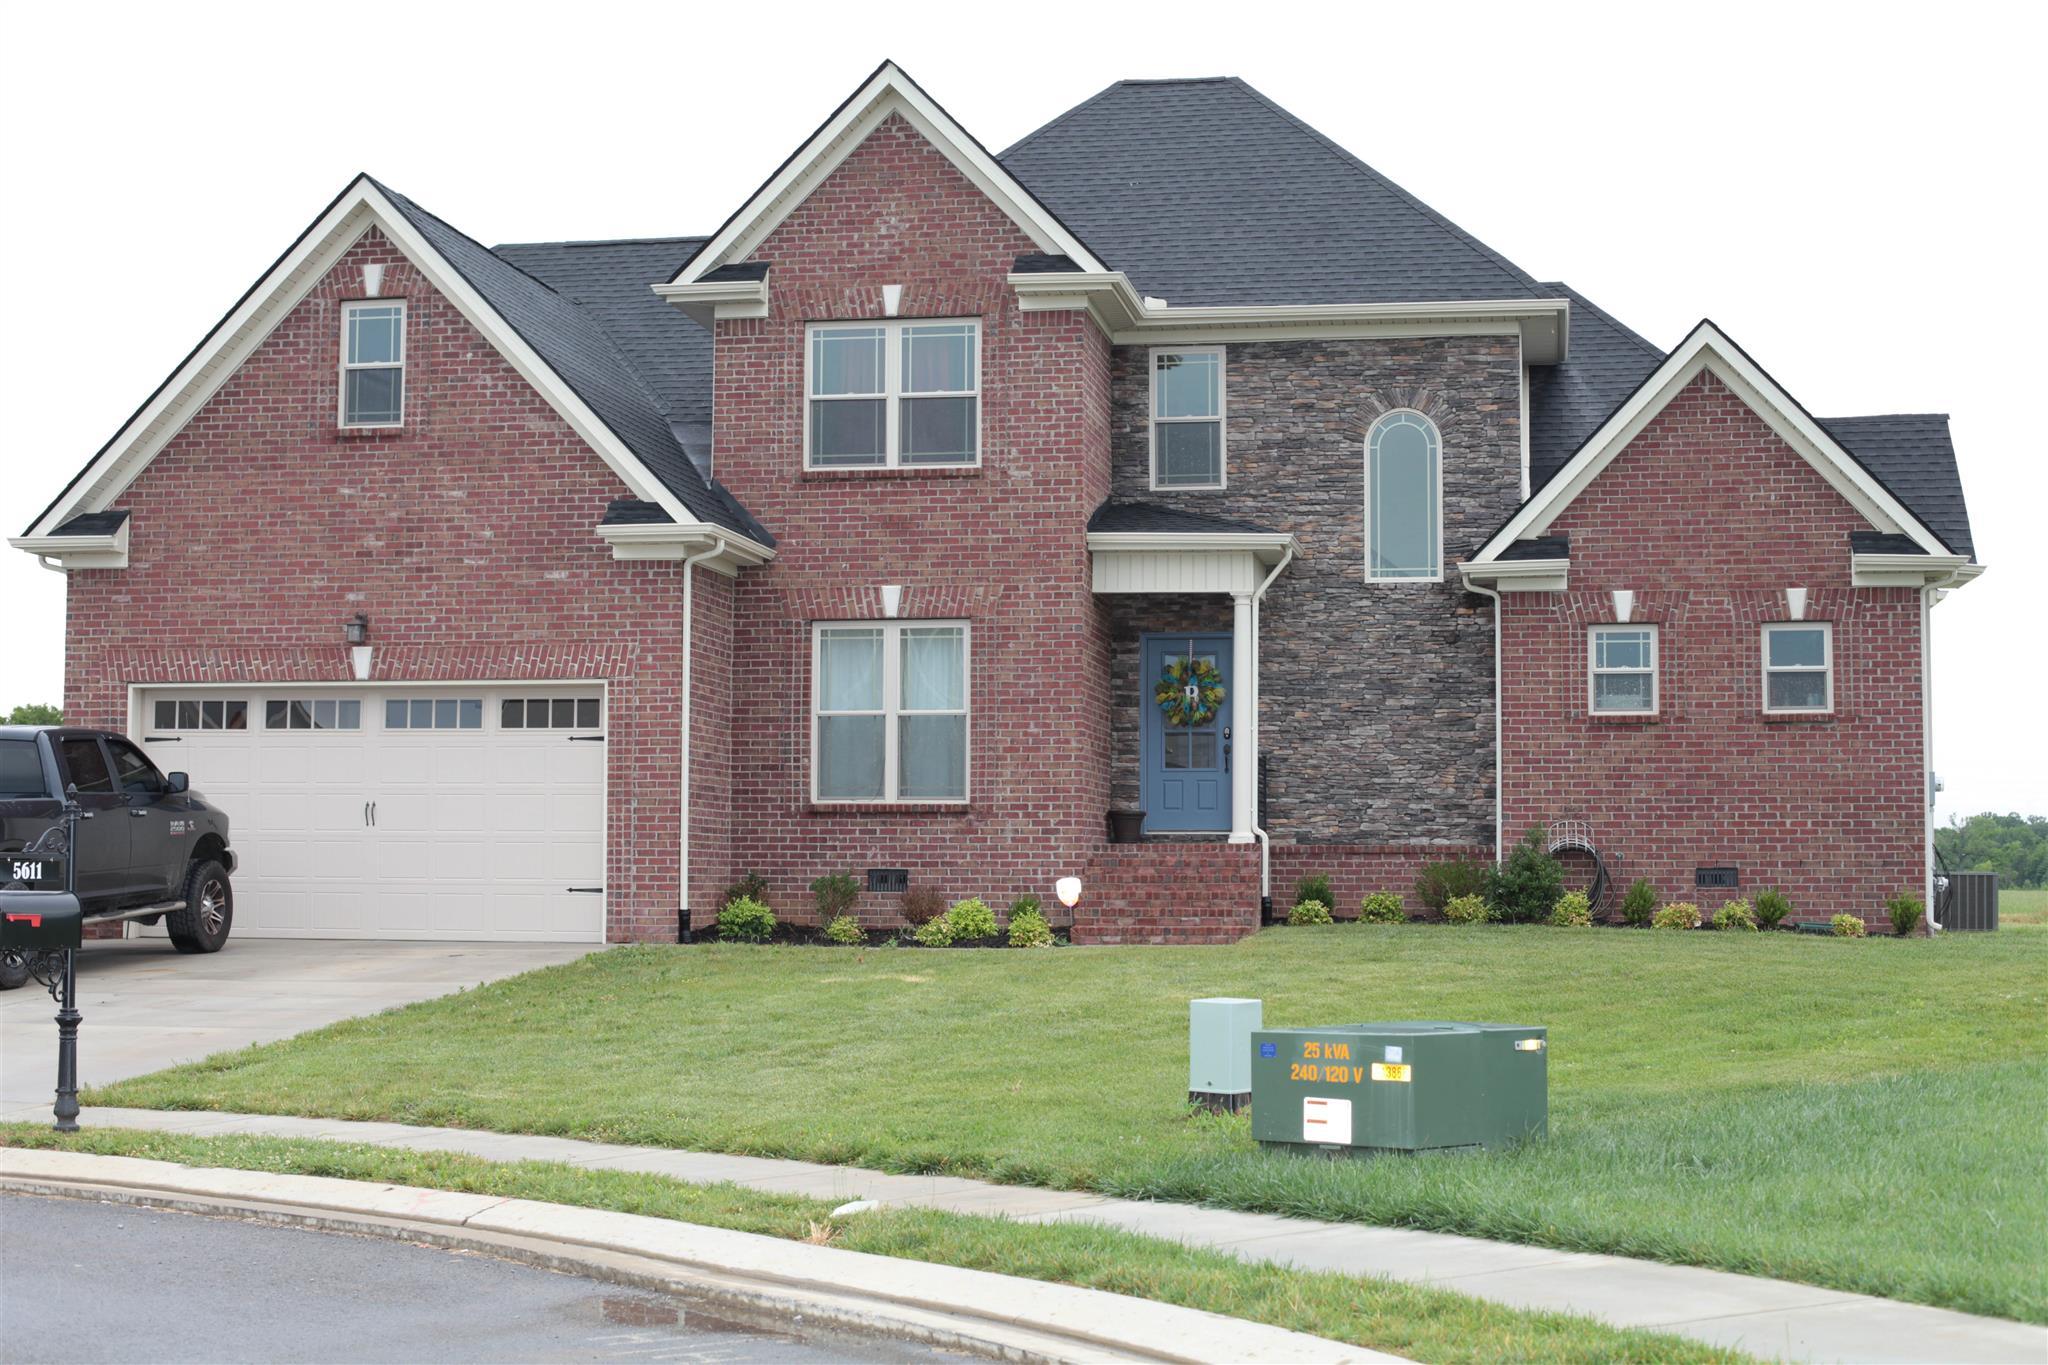 Photo of 5611 Whitlock Ct  Murfreesboro  TN